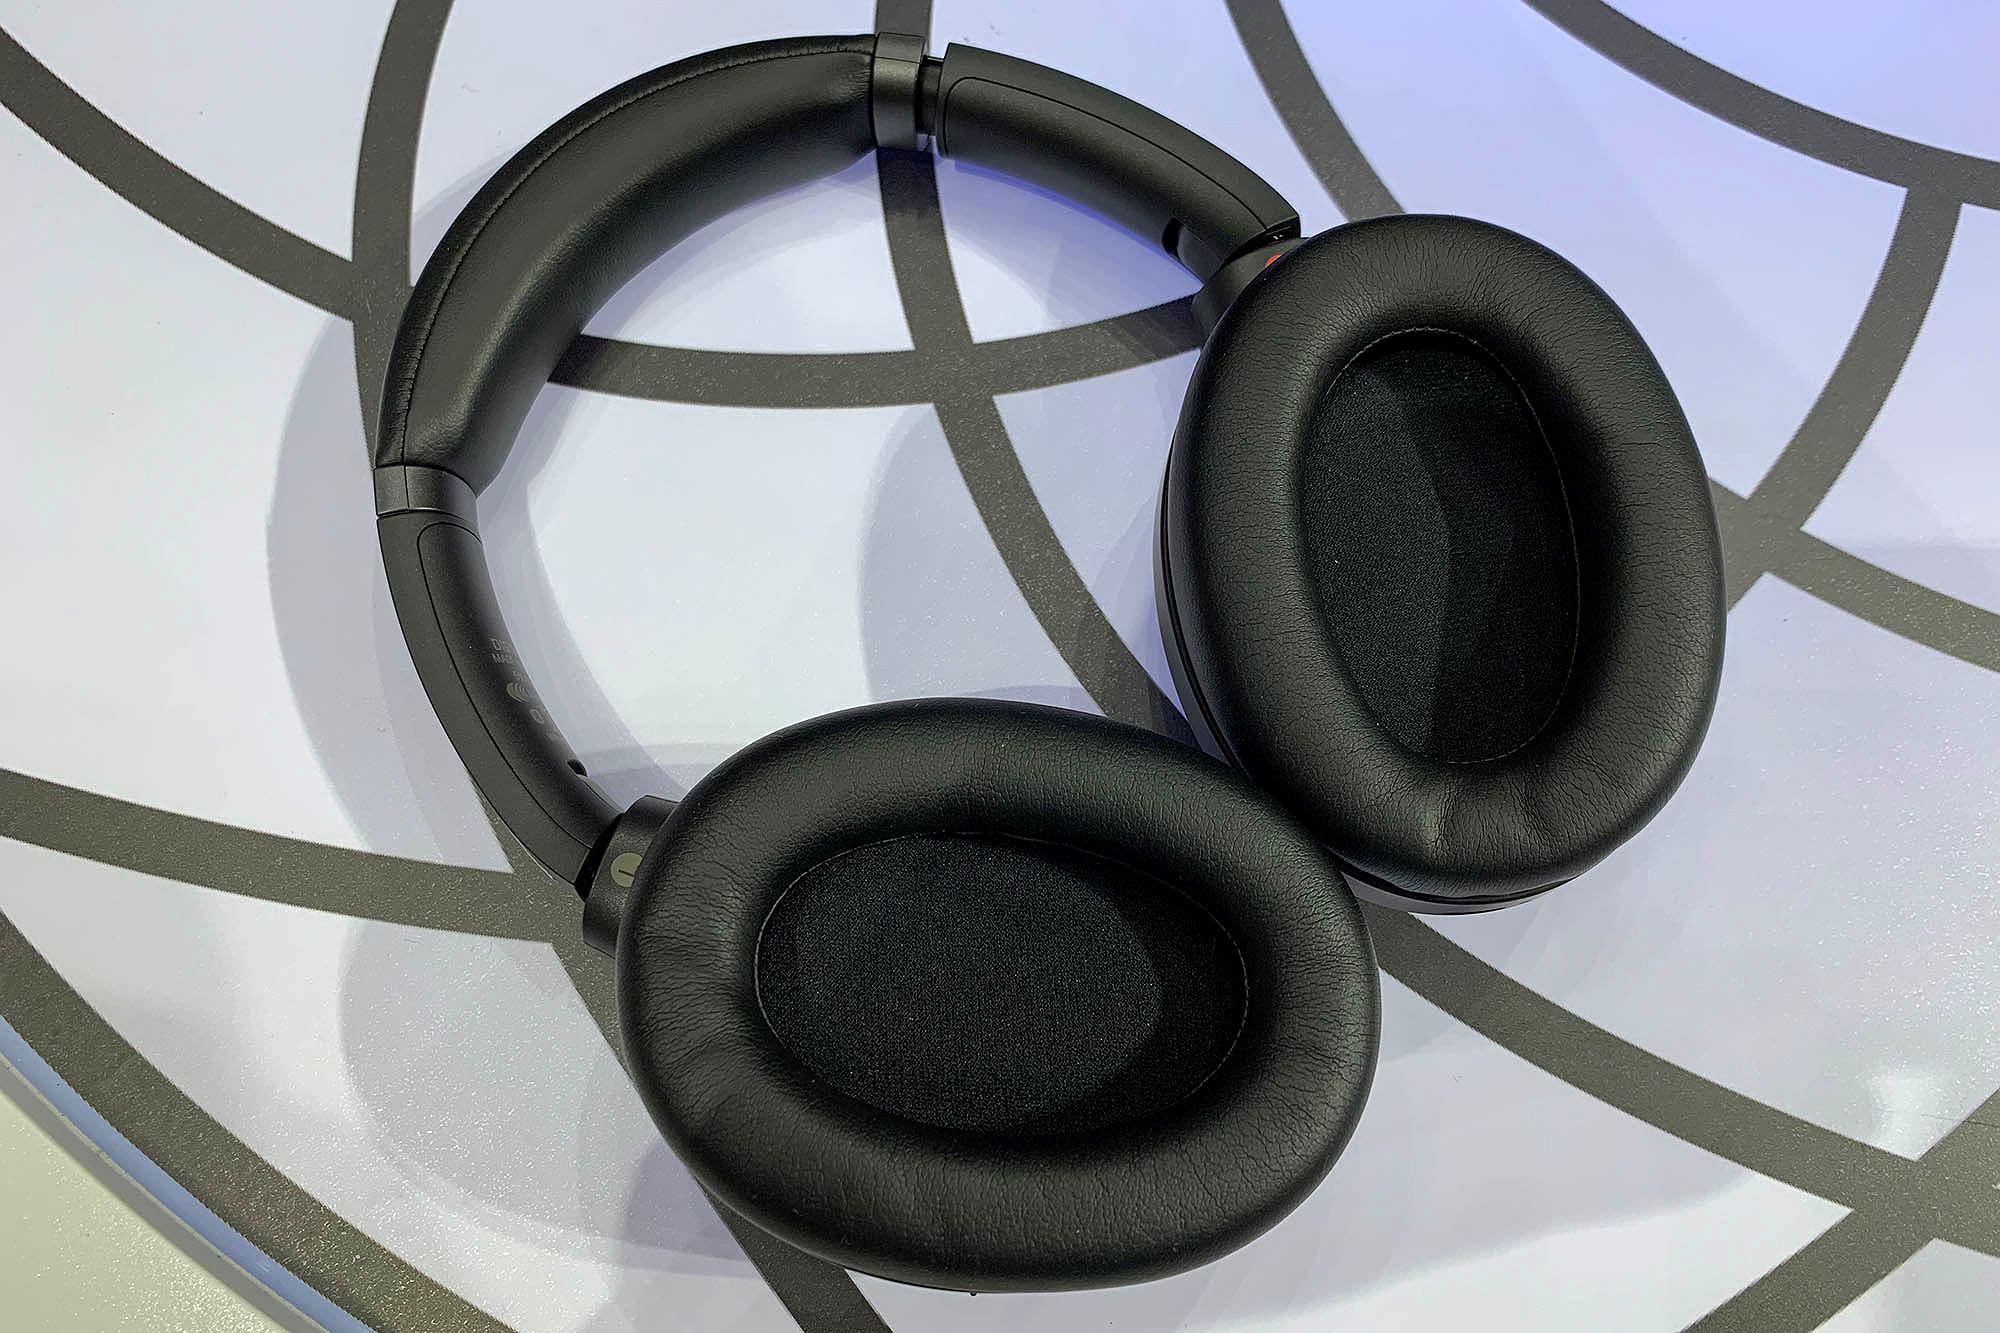 Sony ra mắt tai nghe chống ồn WH-1000XM3 tại Việt Nam, giá 8.490.000 VND Ảnh 3